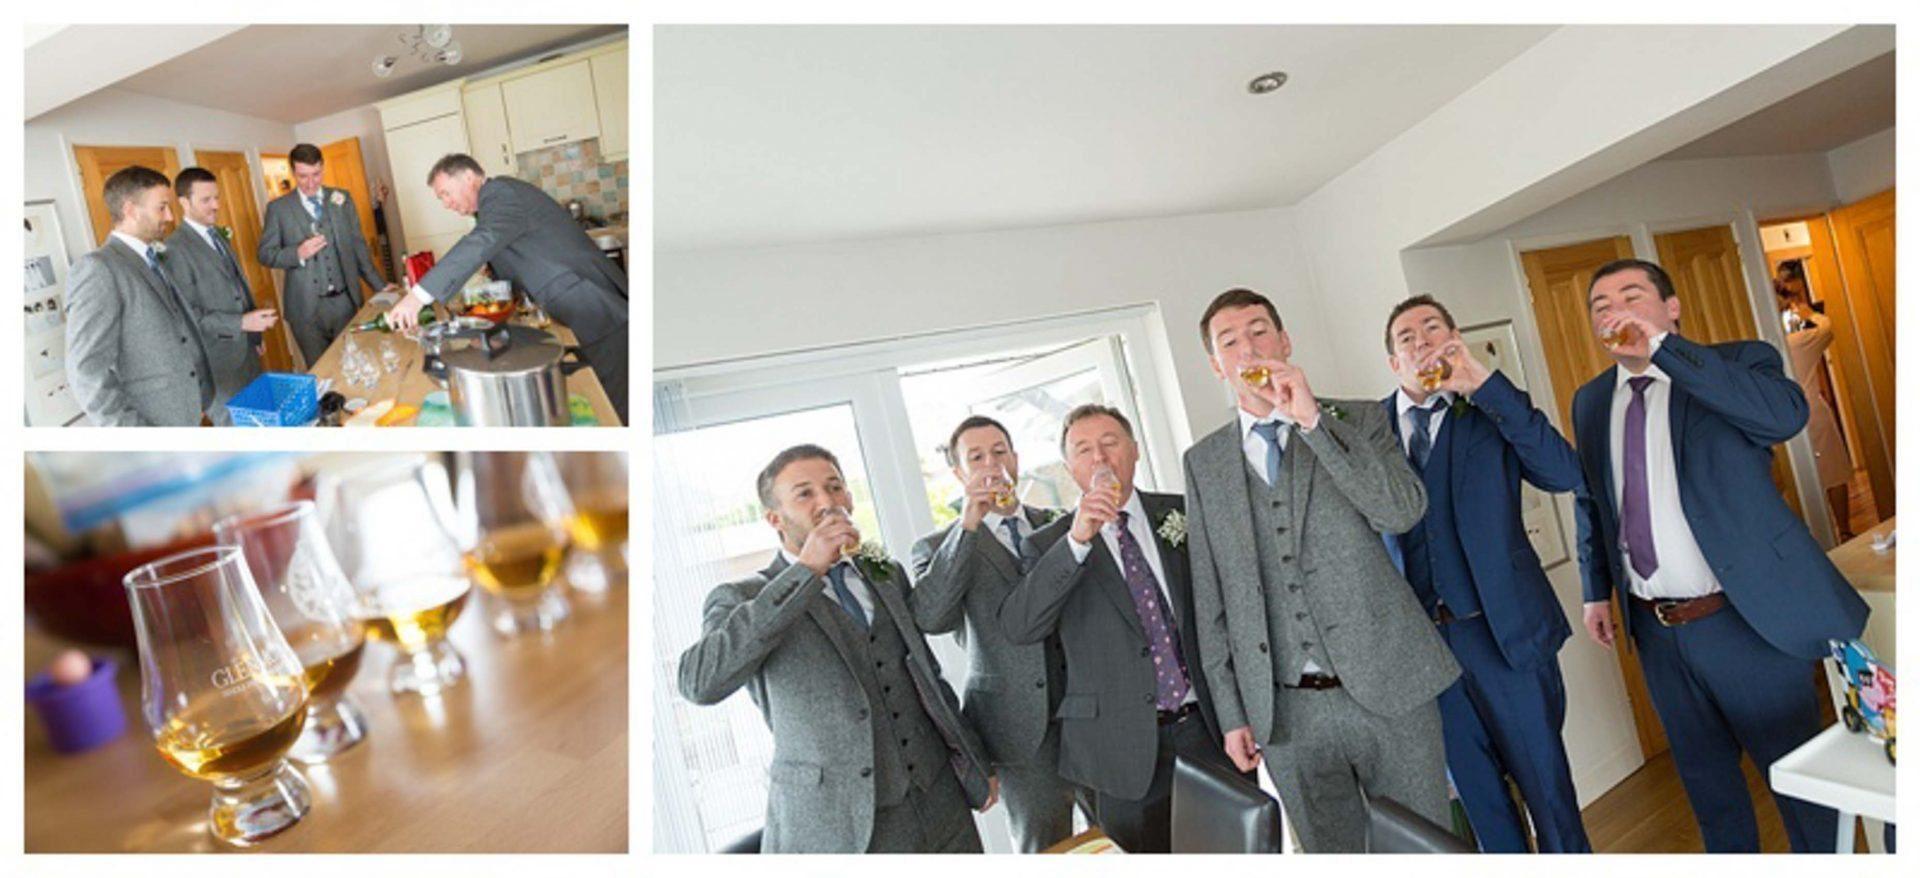 Larchfield Estate Wedding Photography by Ricky Parker Photography-13